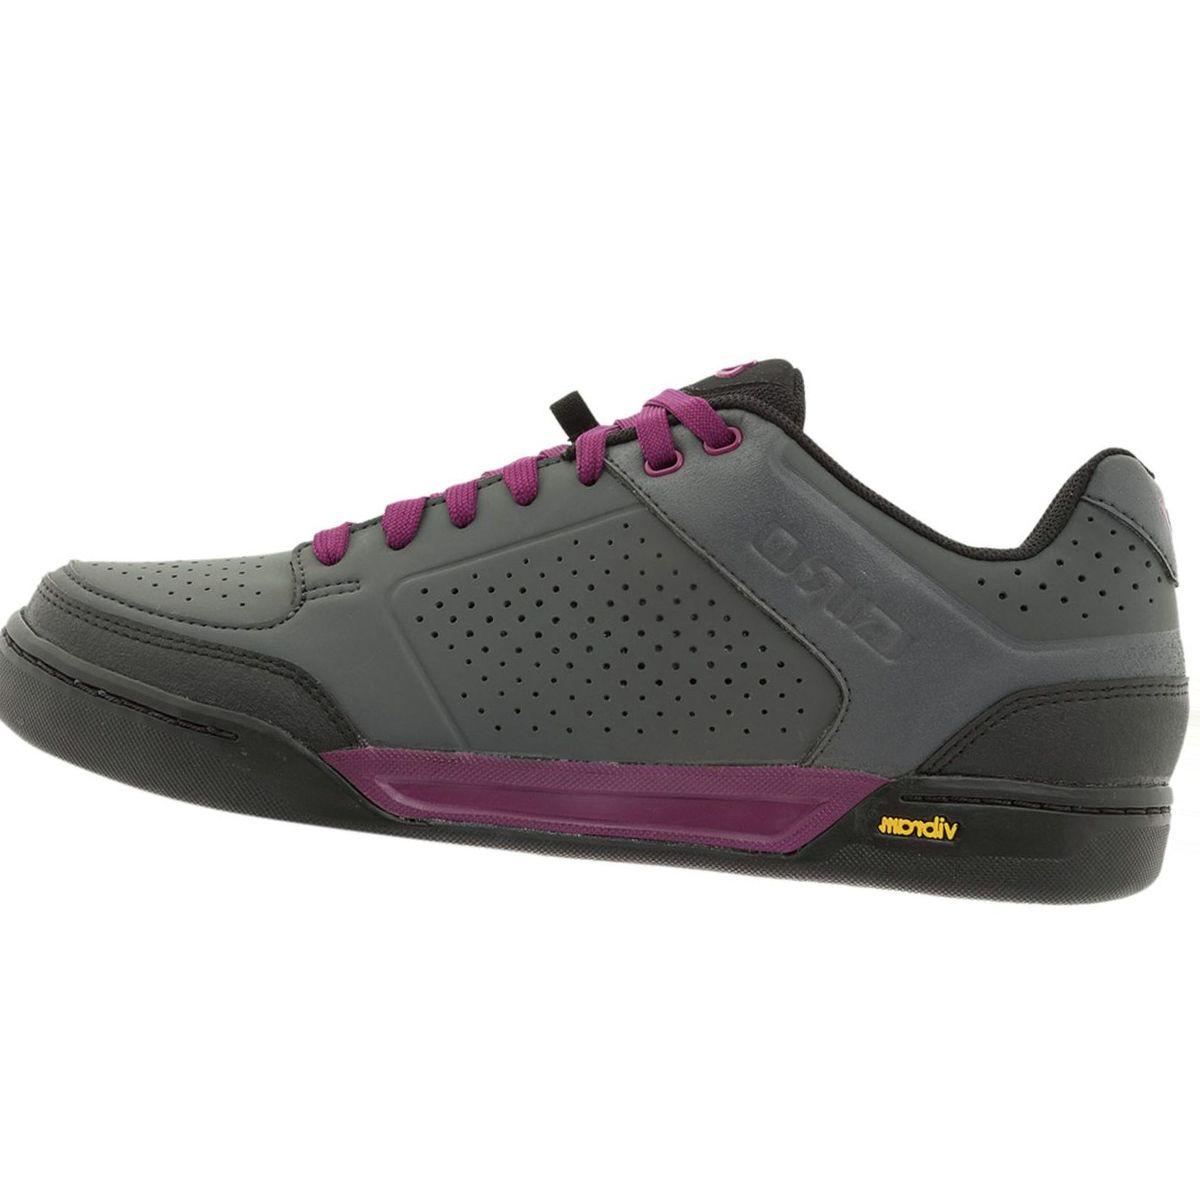 Giro Riddance Cycling Shoe - Women's